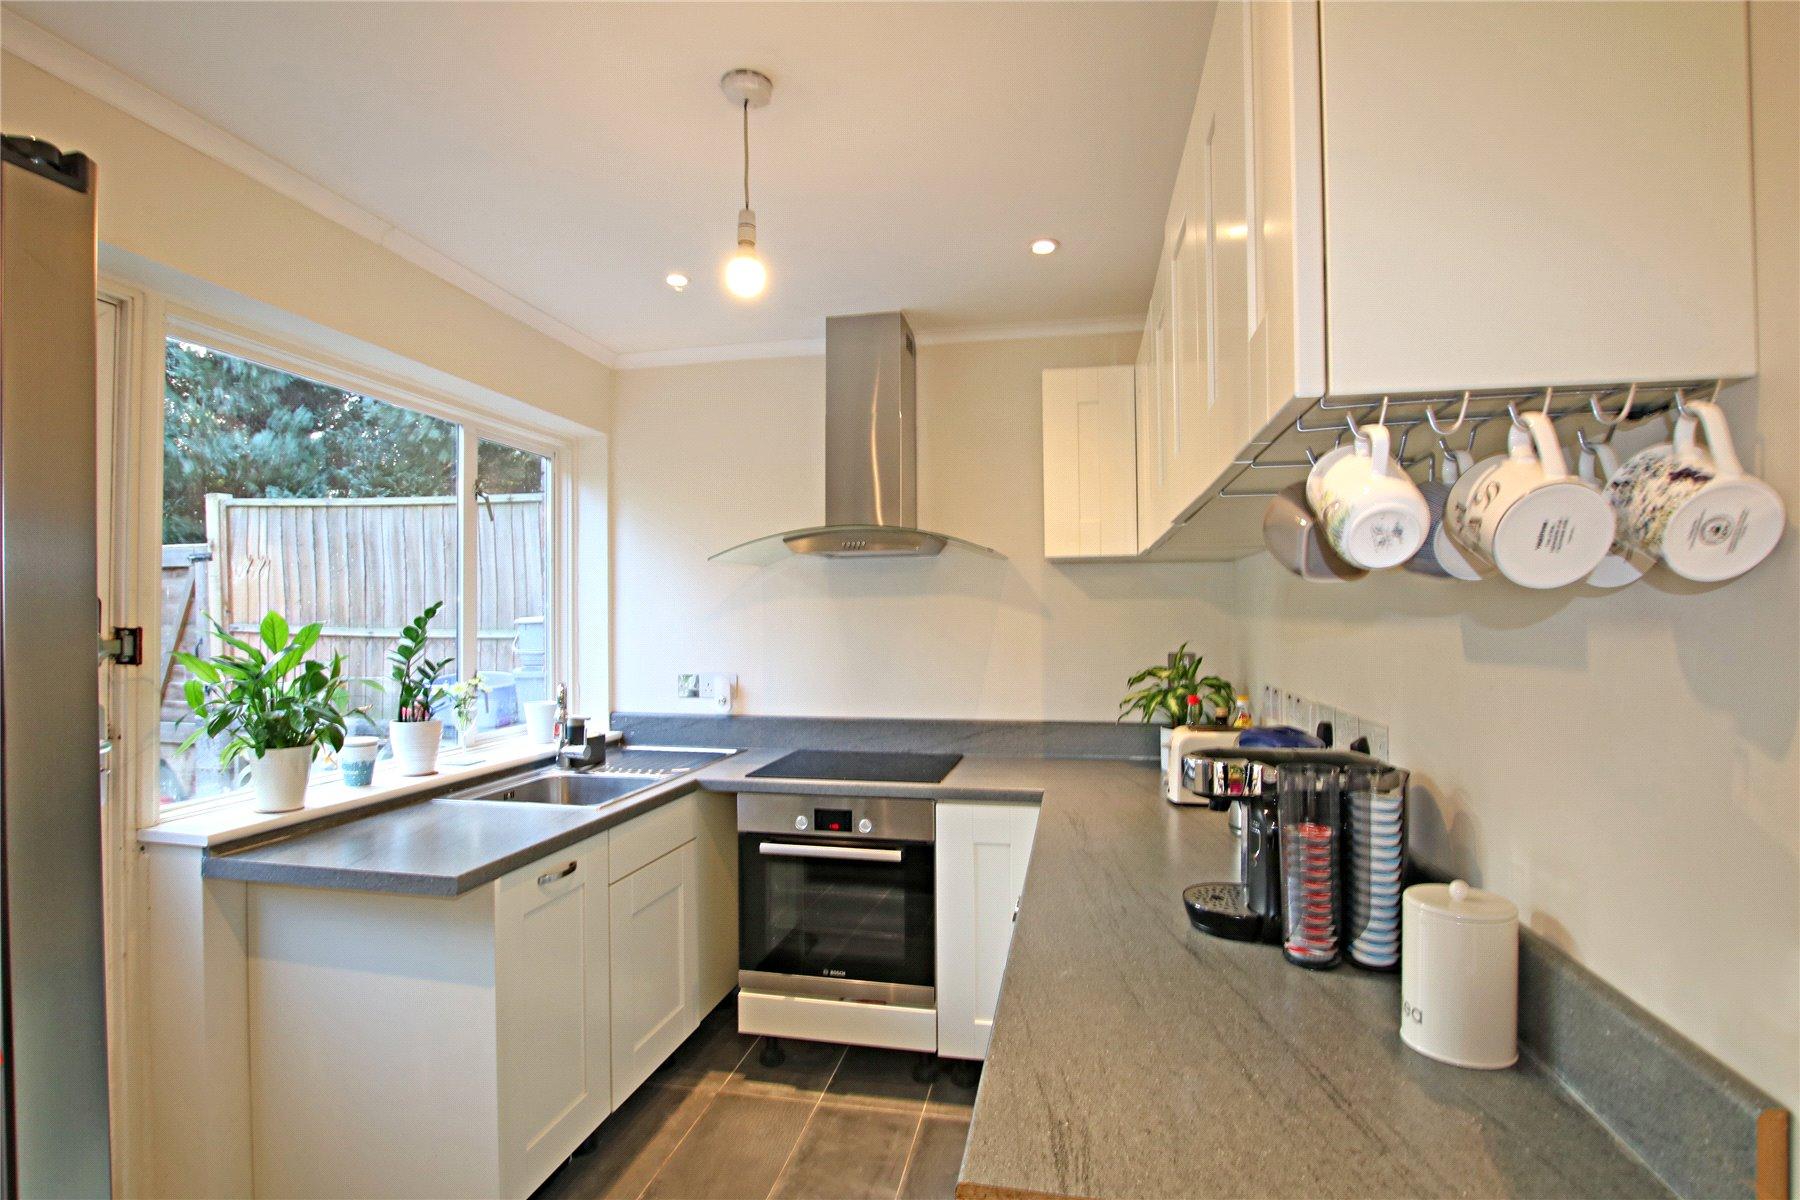 3 Bedrooms Semi Detached House for sale in Fosse Way, West Byfleet, Surrey, KT14